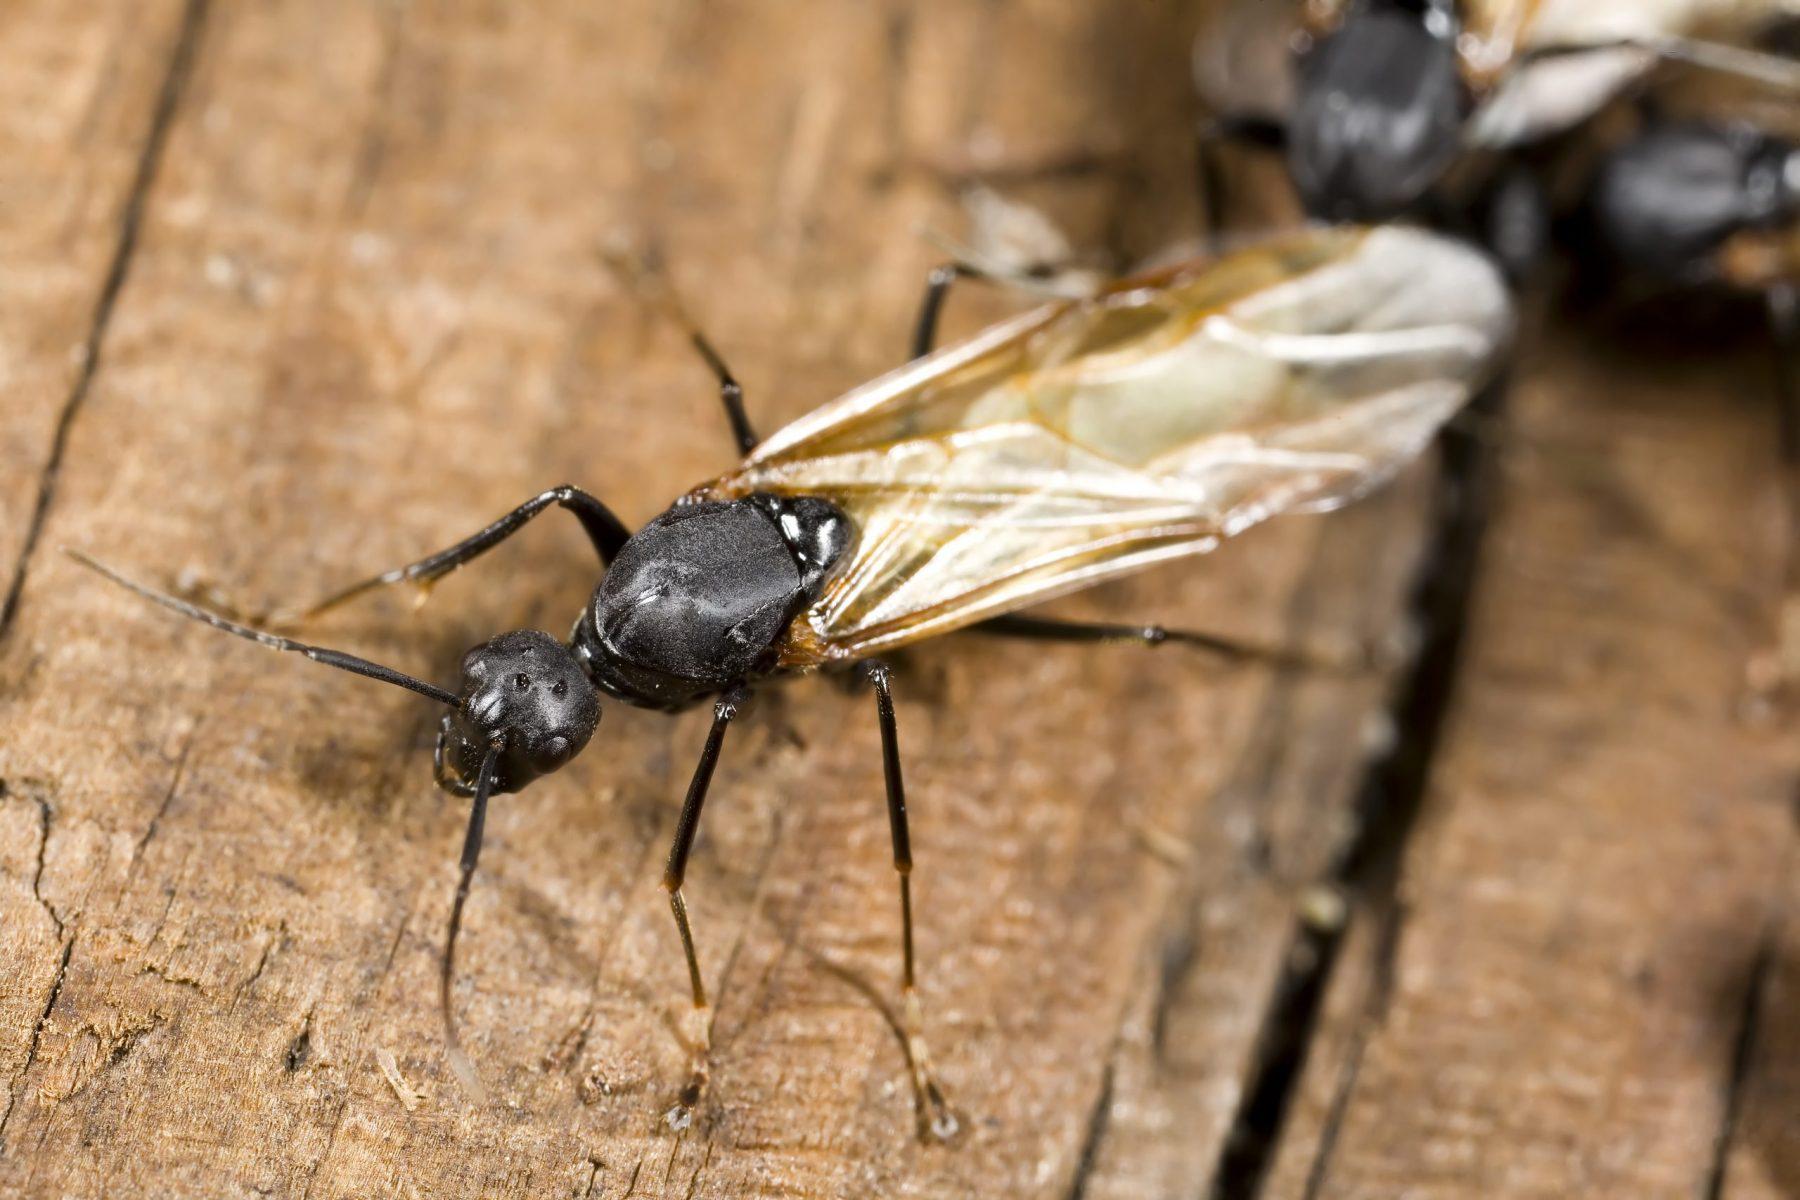 Winged carpenter ant closeup